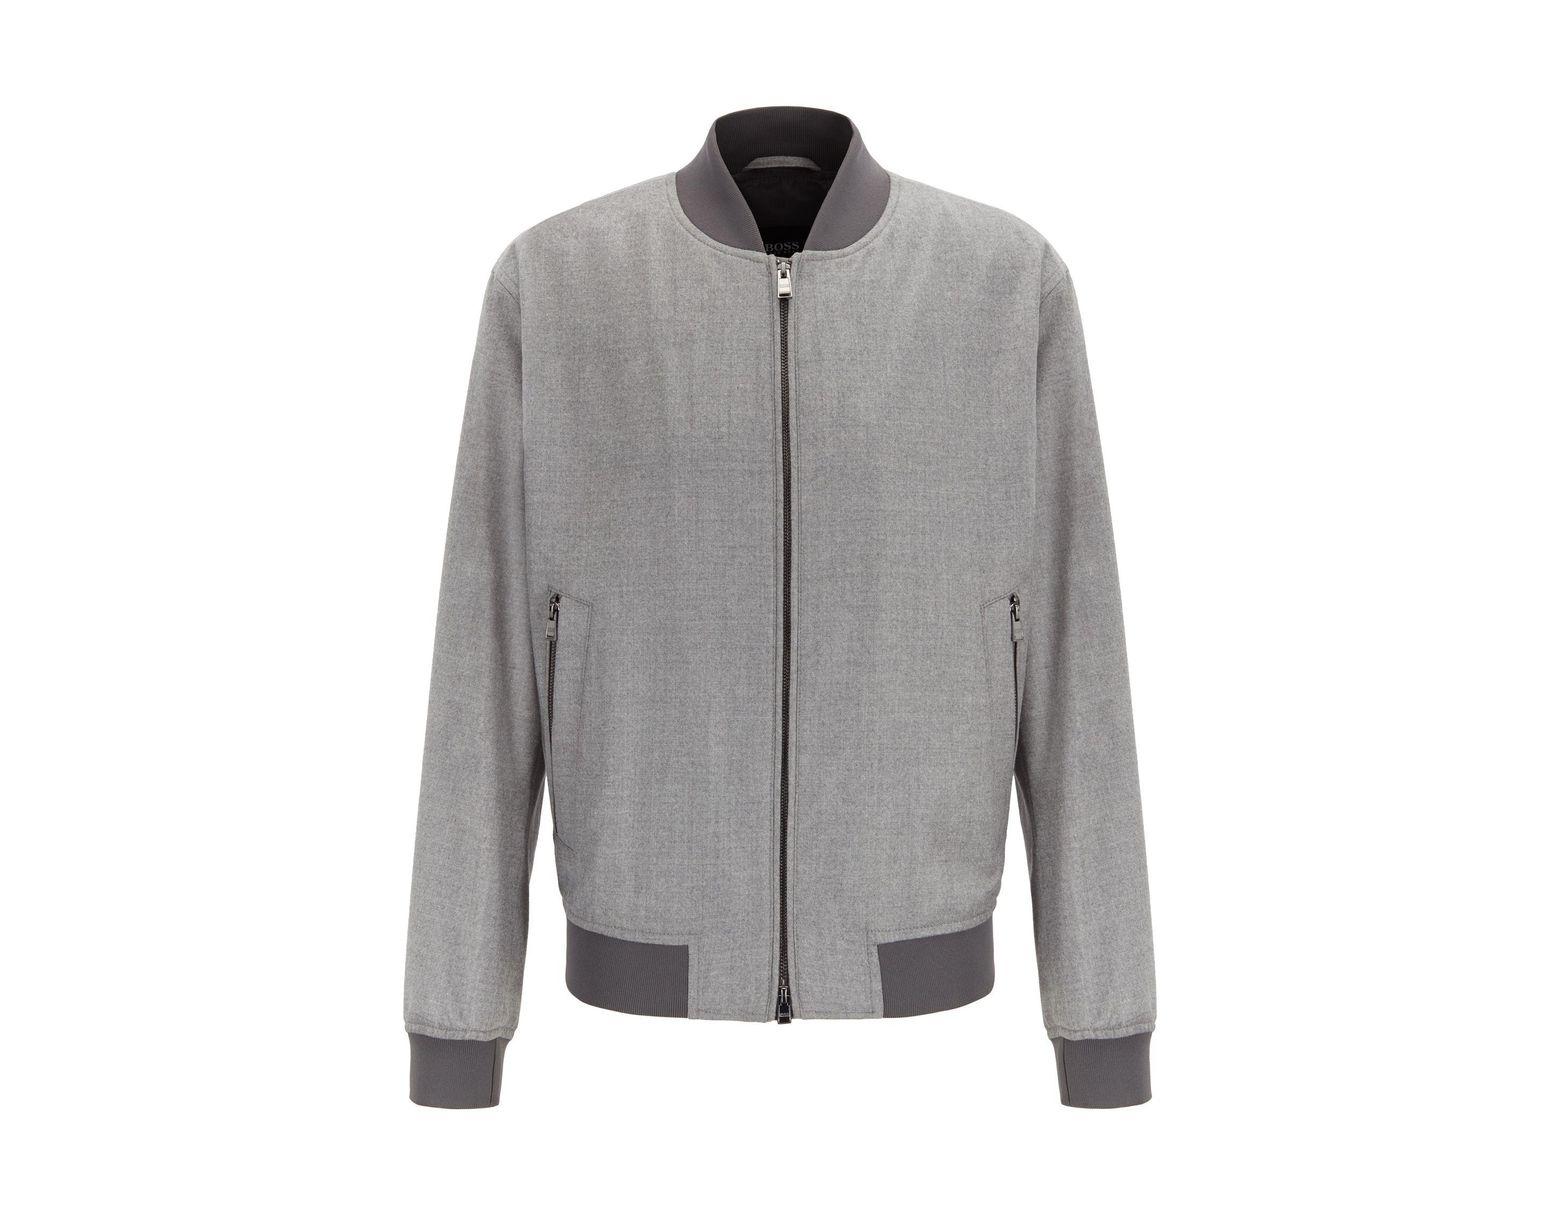 super service pas cher à vendre bonne texture Men's Gray Blouson-style Bomber Jacket In Virgin-wool Flannel